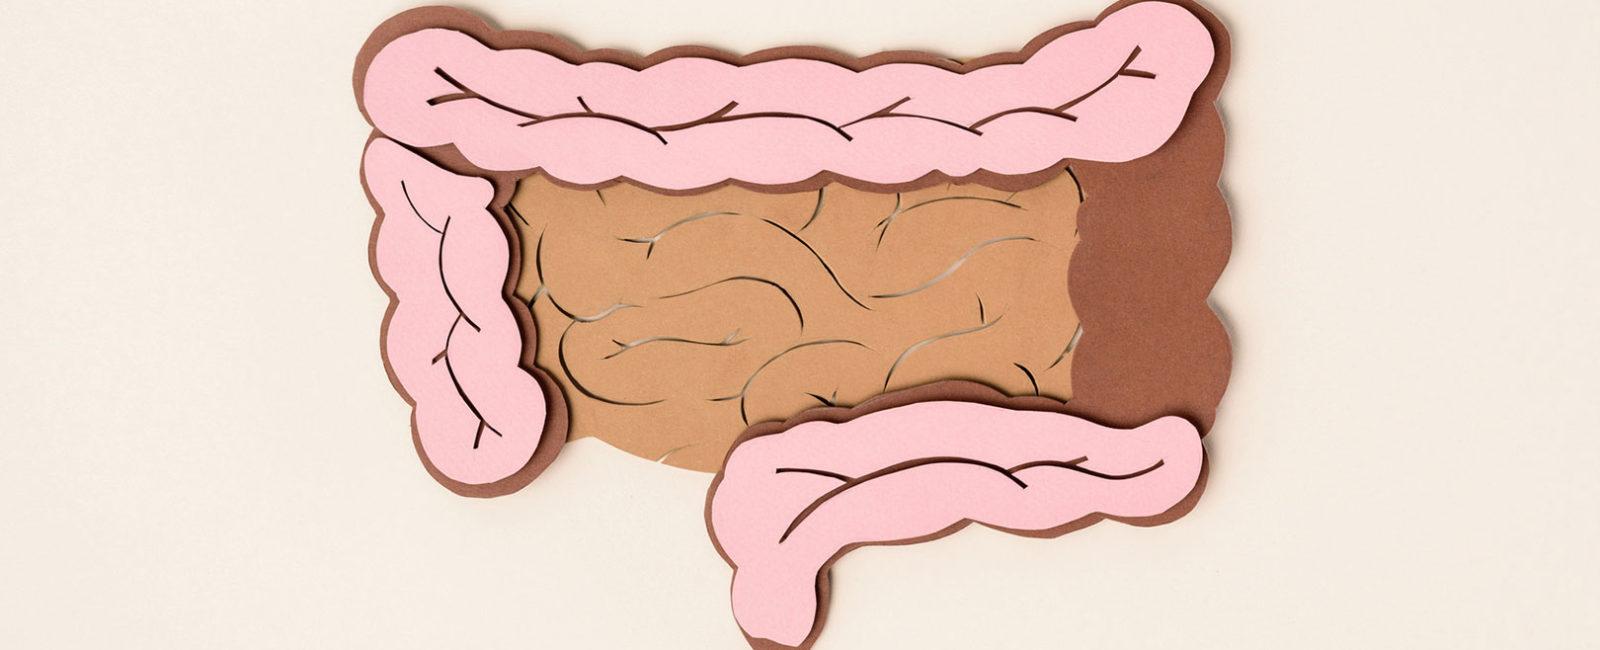 Gute und schlechte Bakterien in deinem Darm